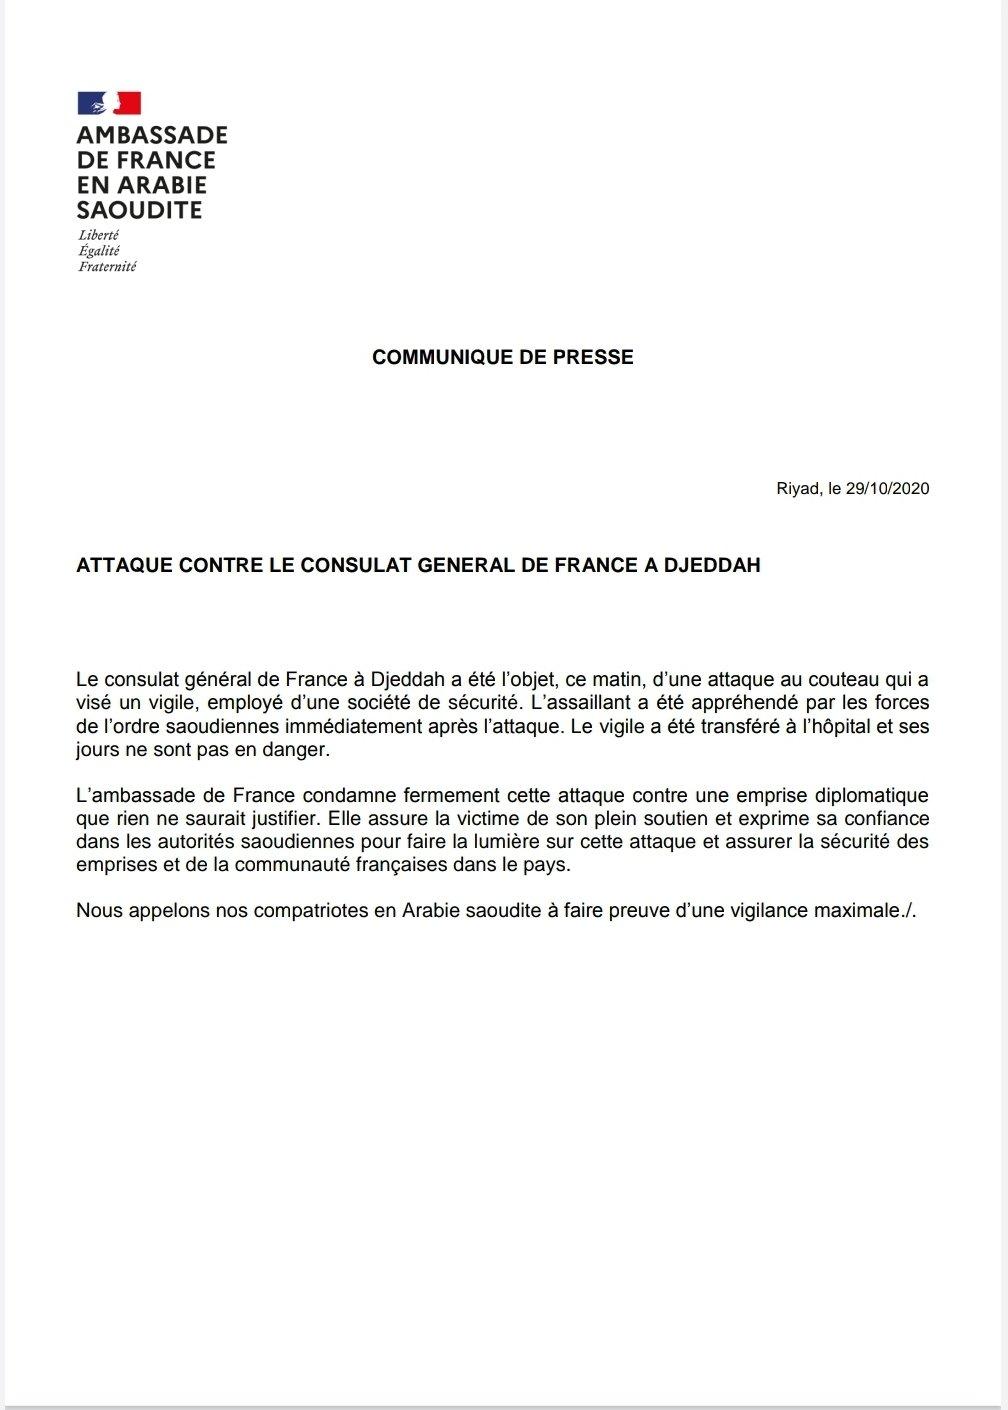 عاجل  بيان السفارة الفرنسية بعد حادث الطعن بقنصليتها في جدة بالسعودية وتطالب رعاياها بالحذر 3